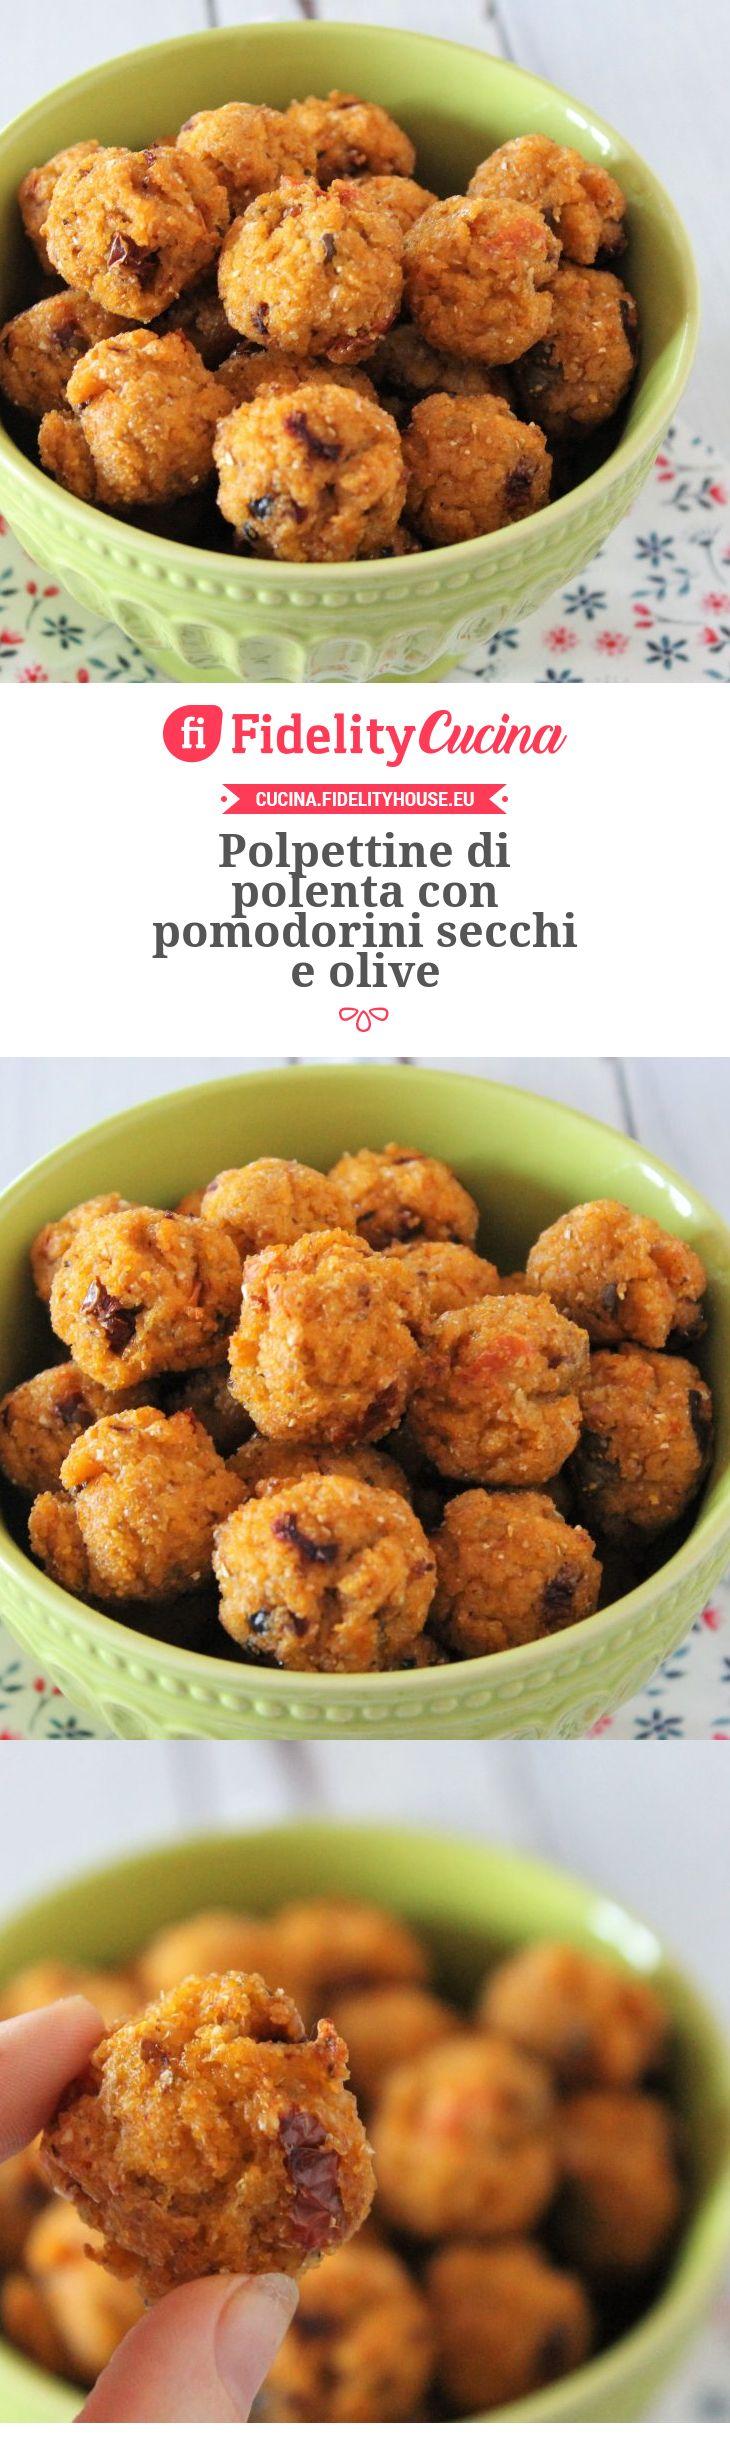 Polpettine di polenta con pomodorini secchi e olive